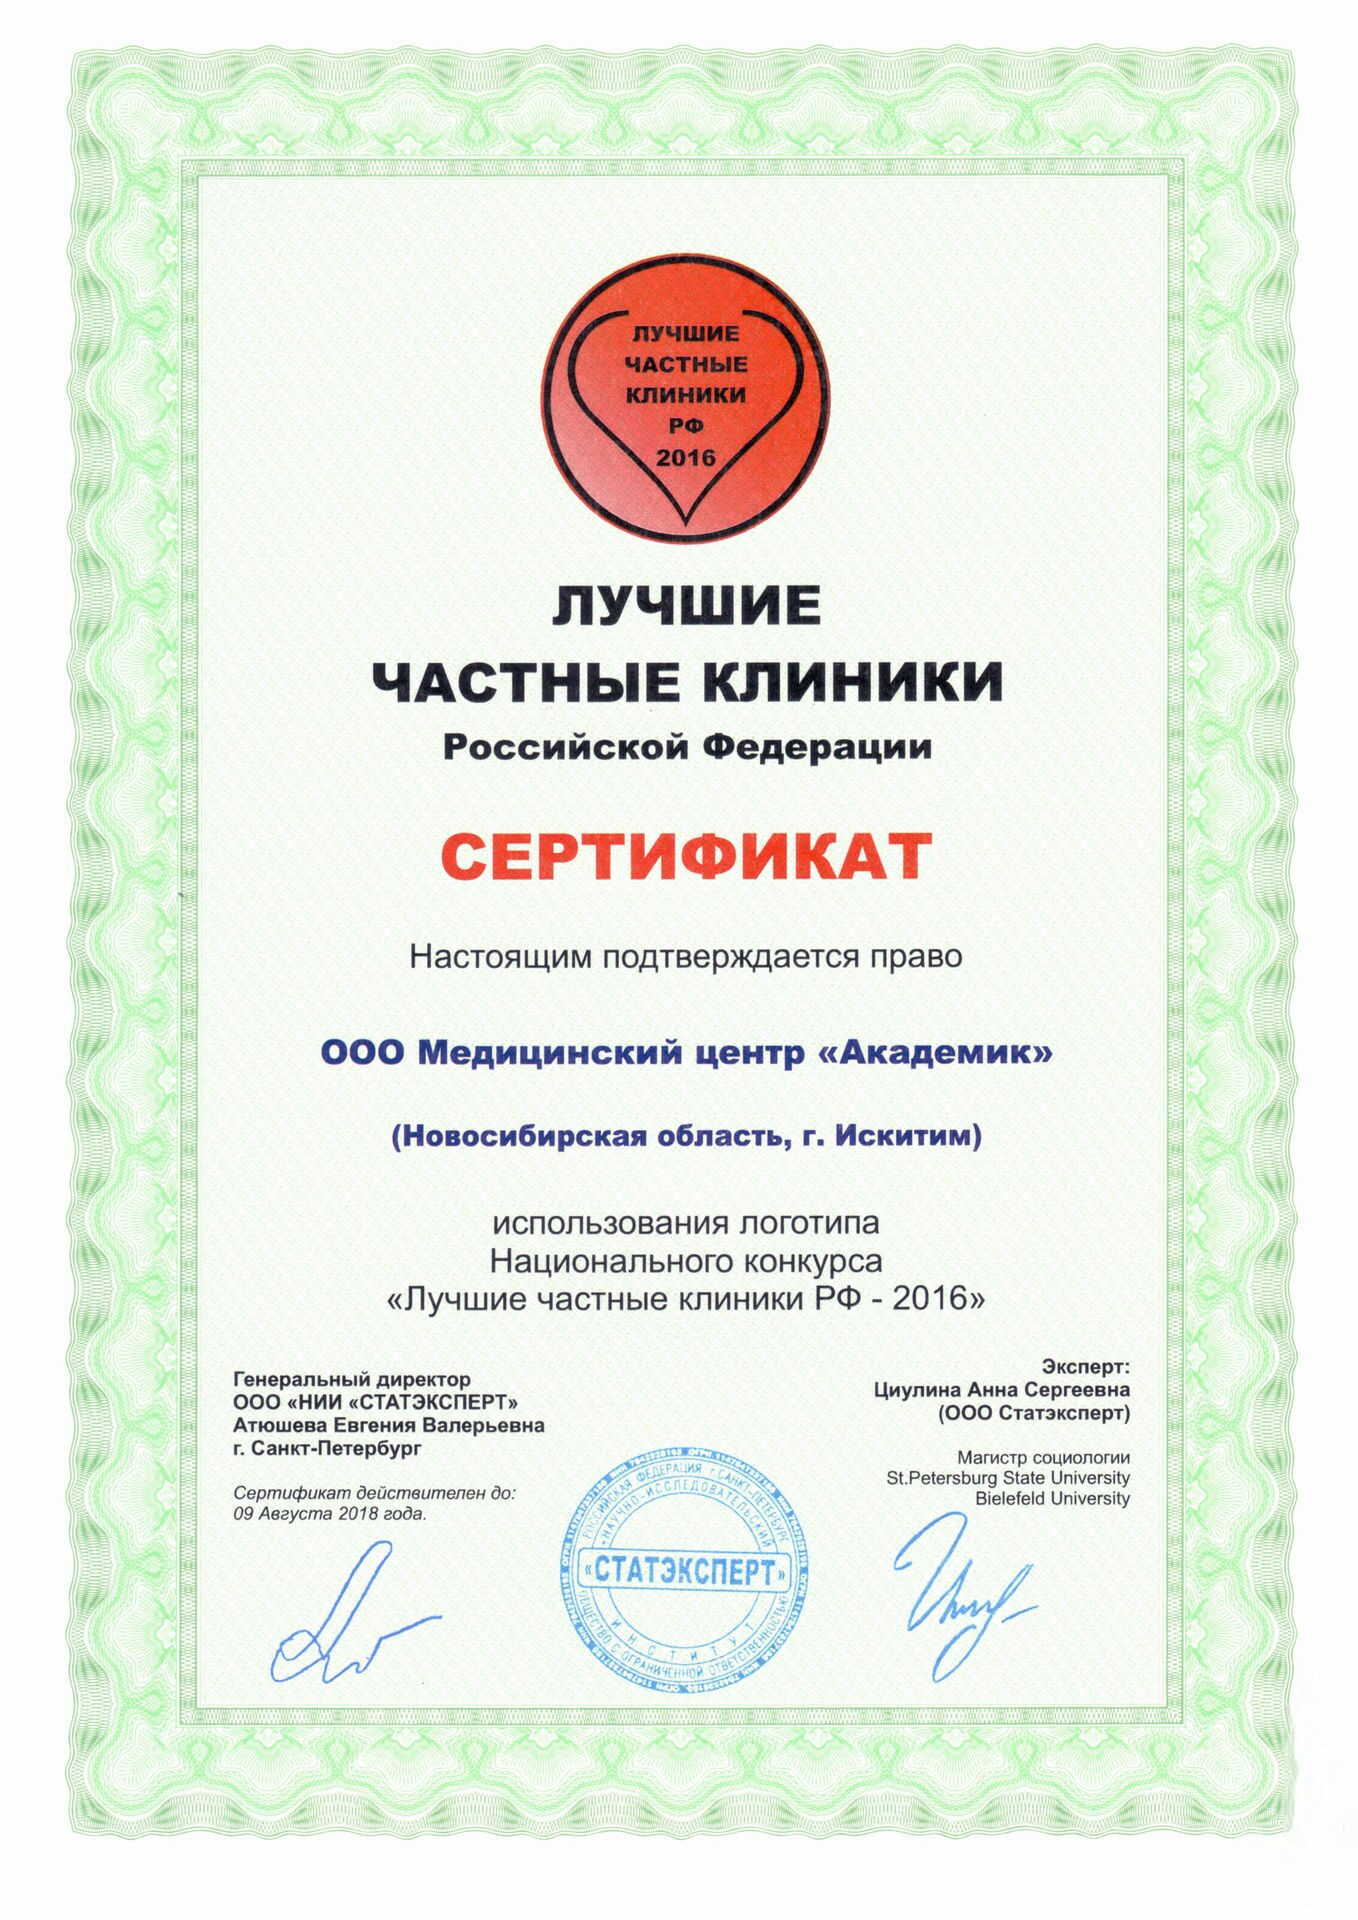 Грамота Руководителю от Коллектива